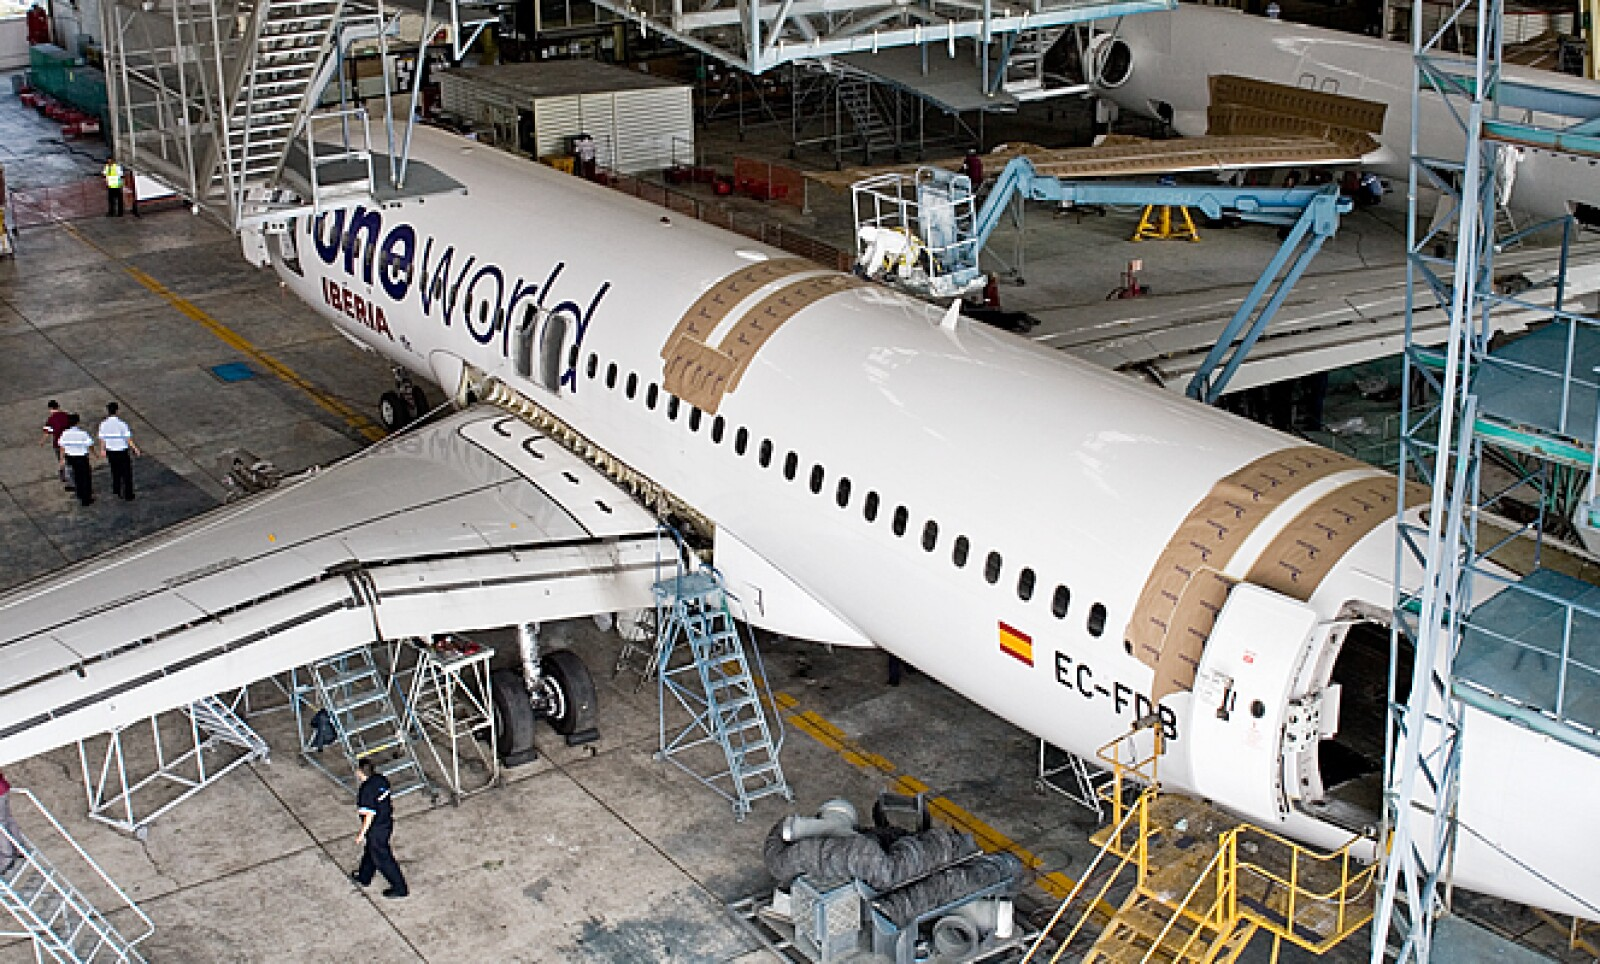 Los aviones suelen estar de 10 a 25 días en servicio de reparación, todo depende de lo que se haga o las piezas remplazadas.